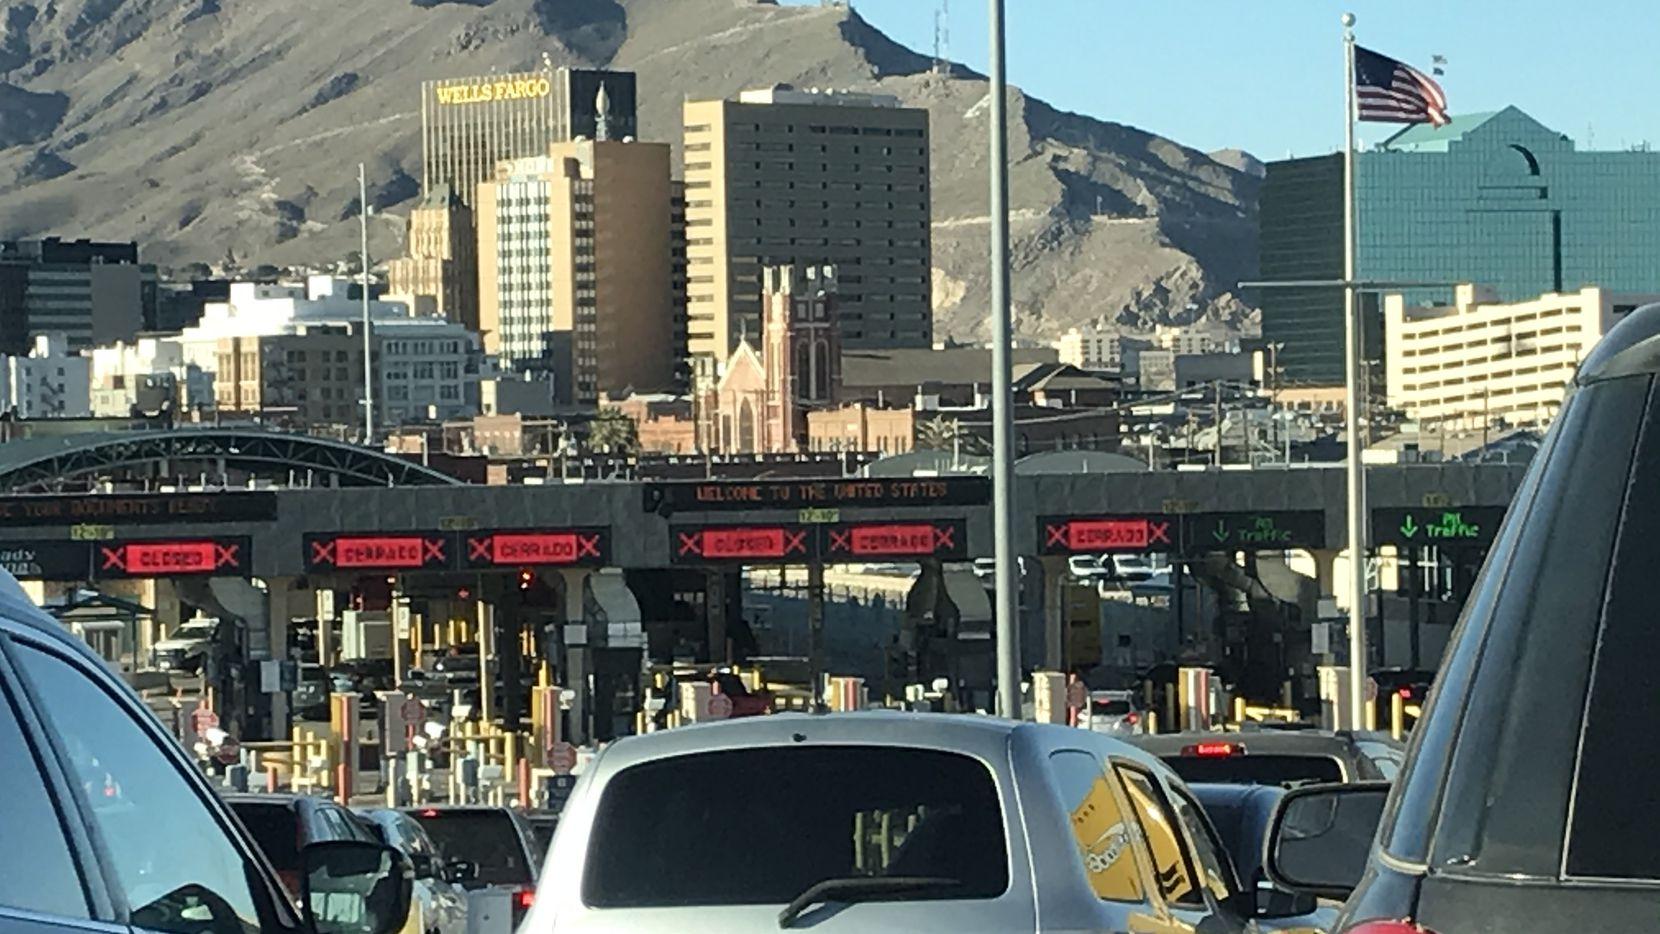 General view of the area near the Ciudad Juarez - El Paso border.